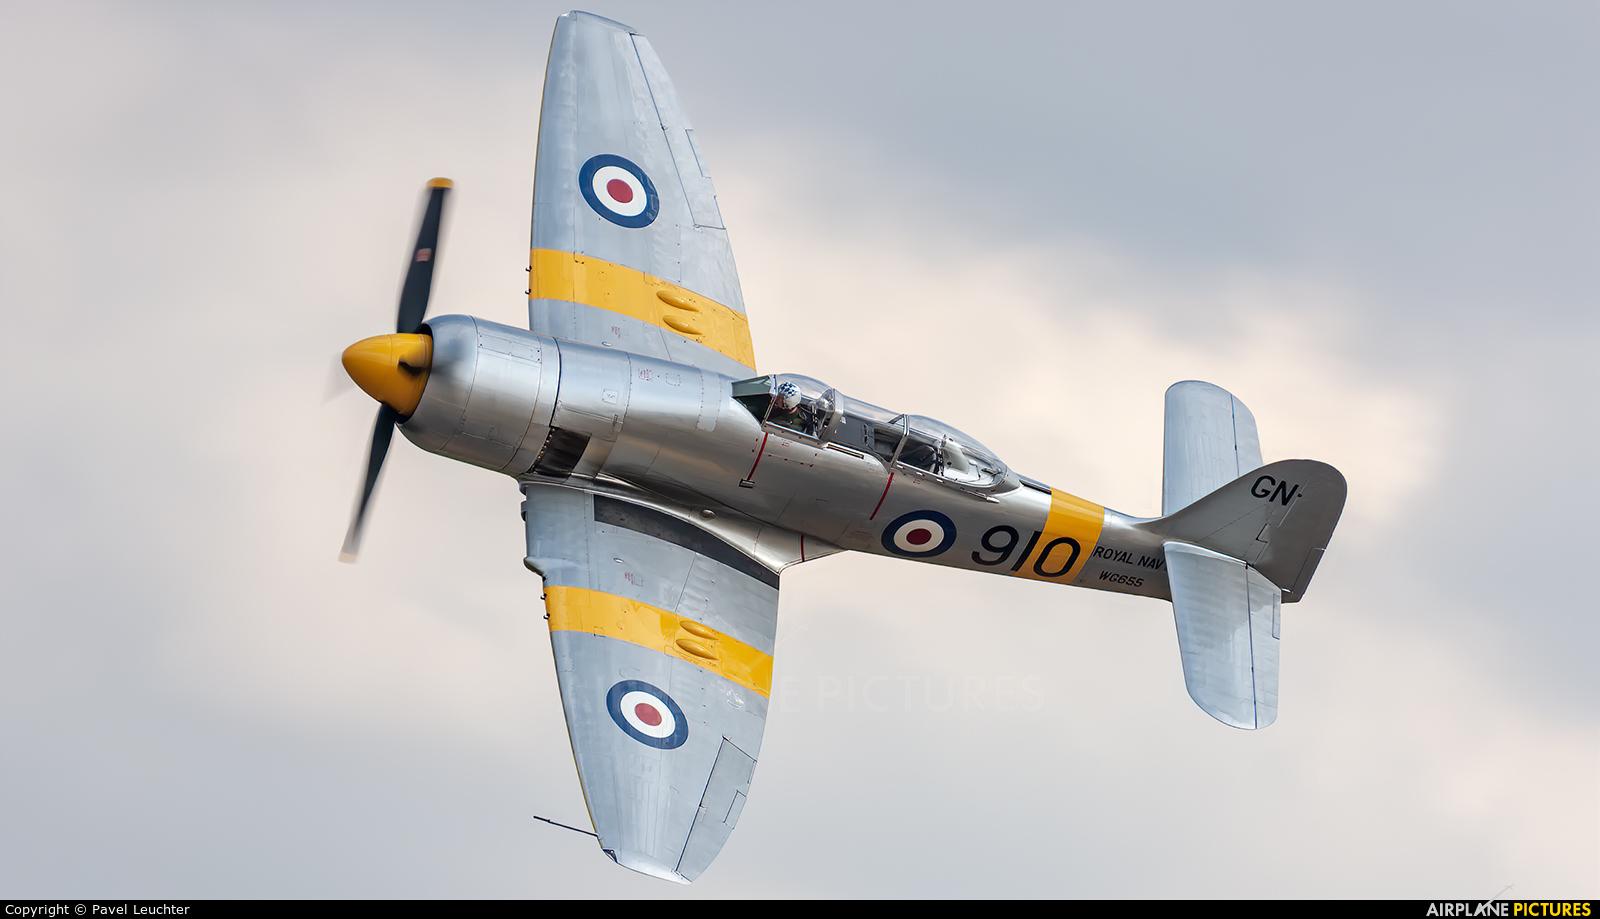 Royal Navy WG655 aircraft at Duxford